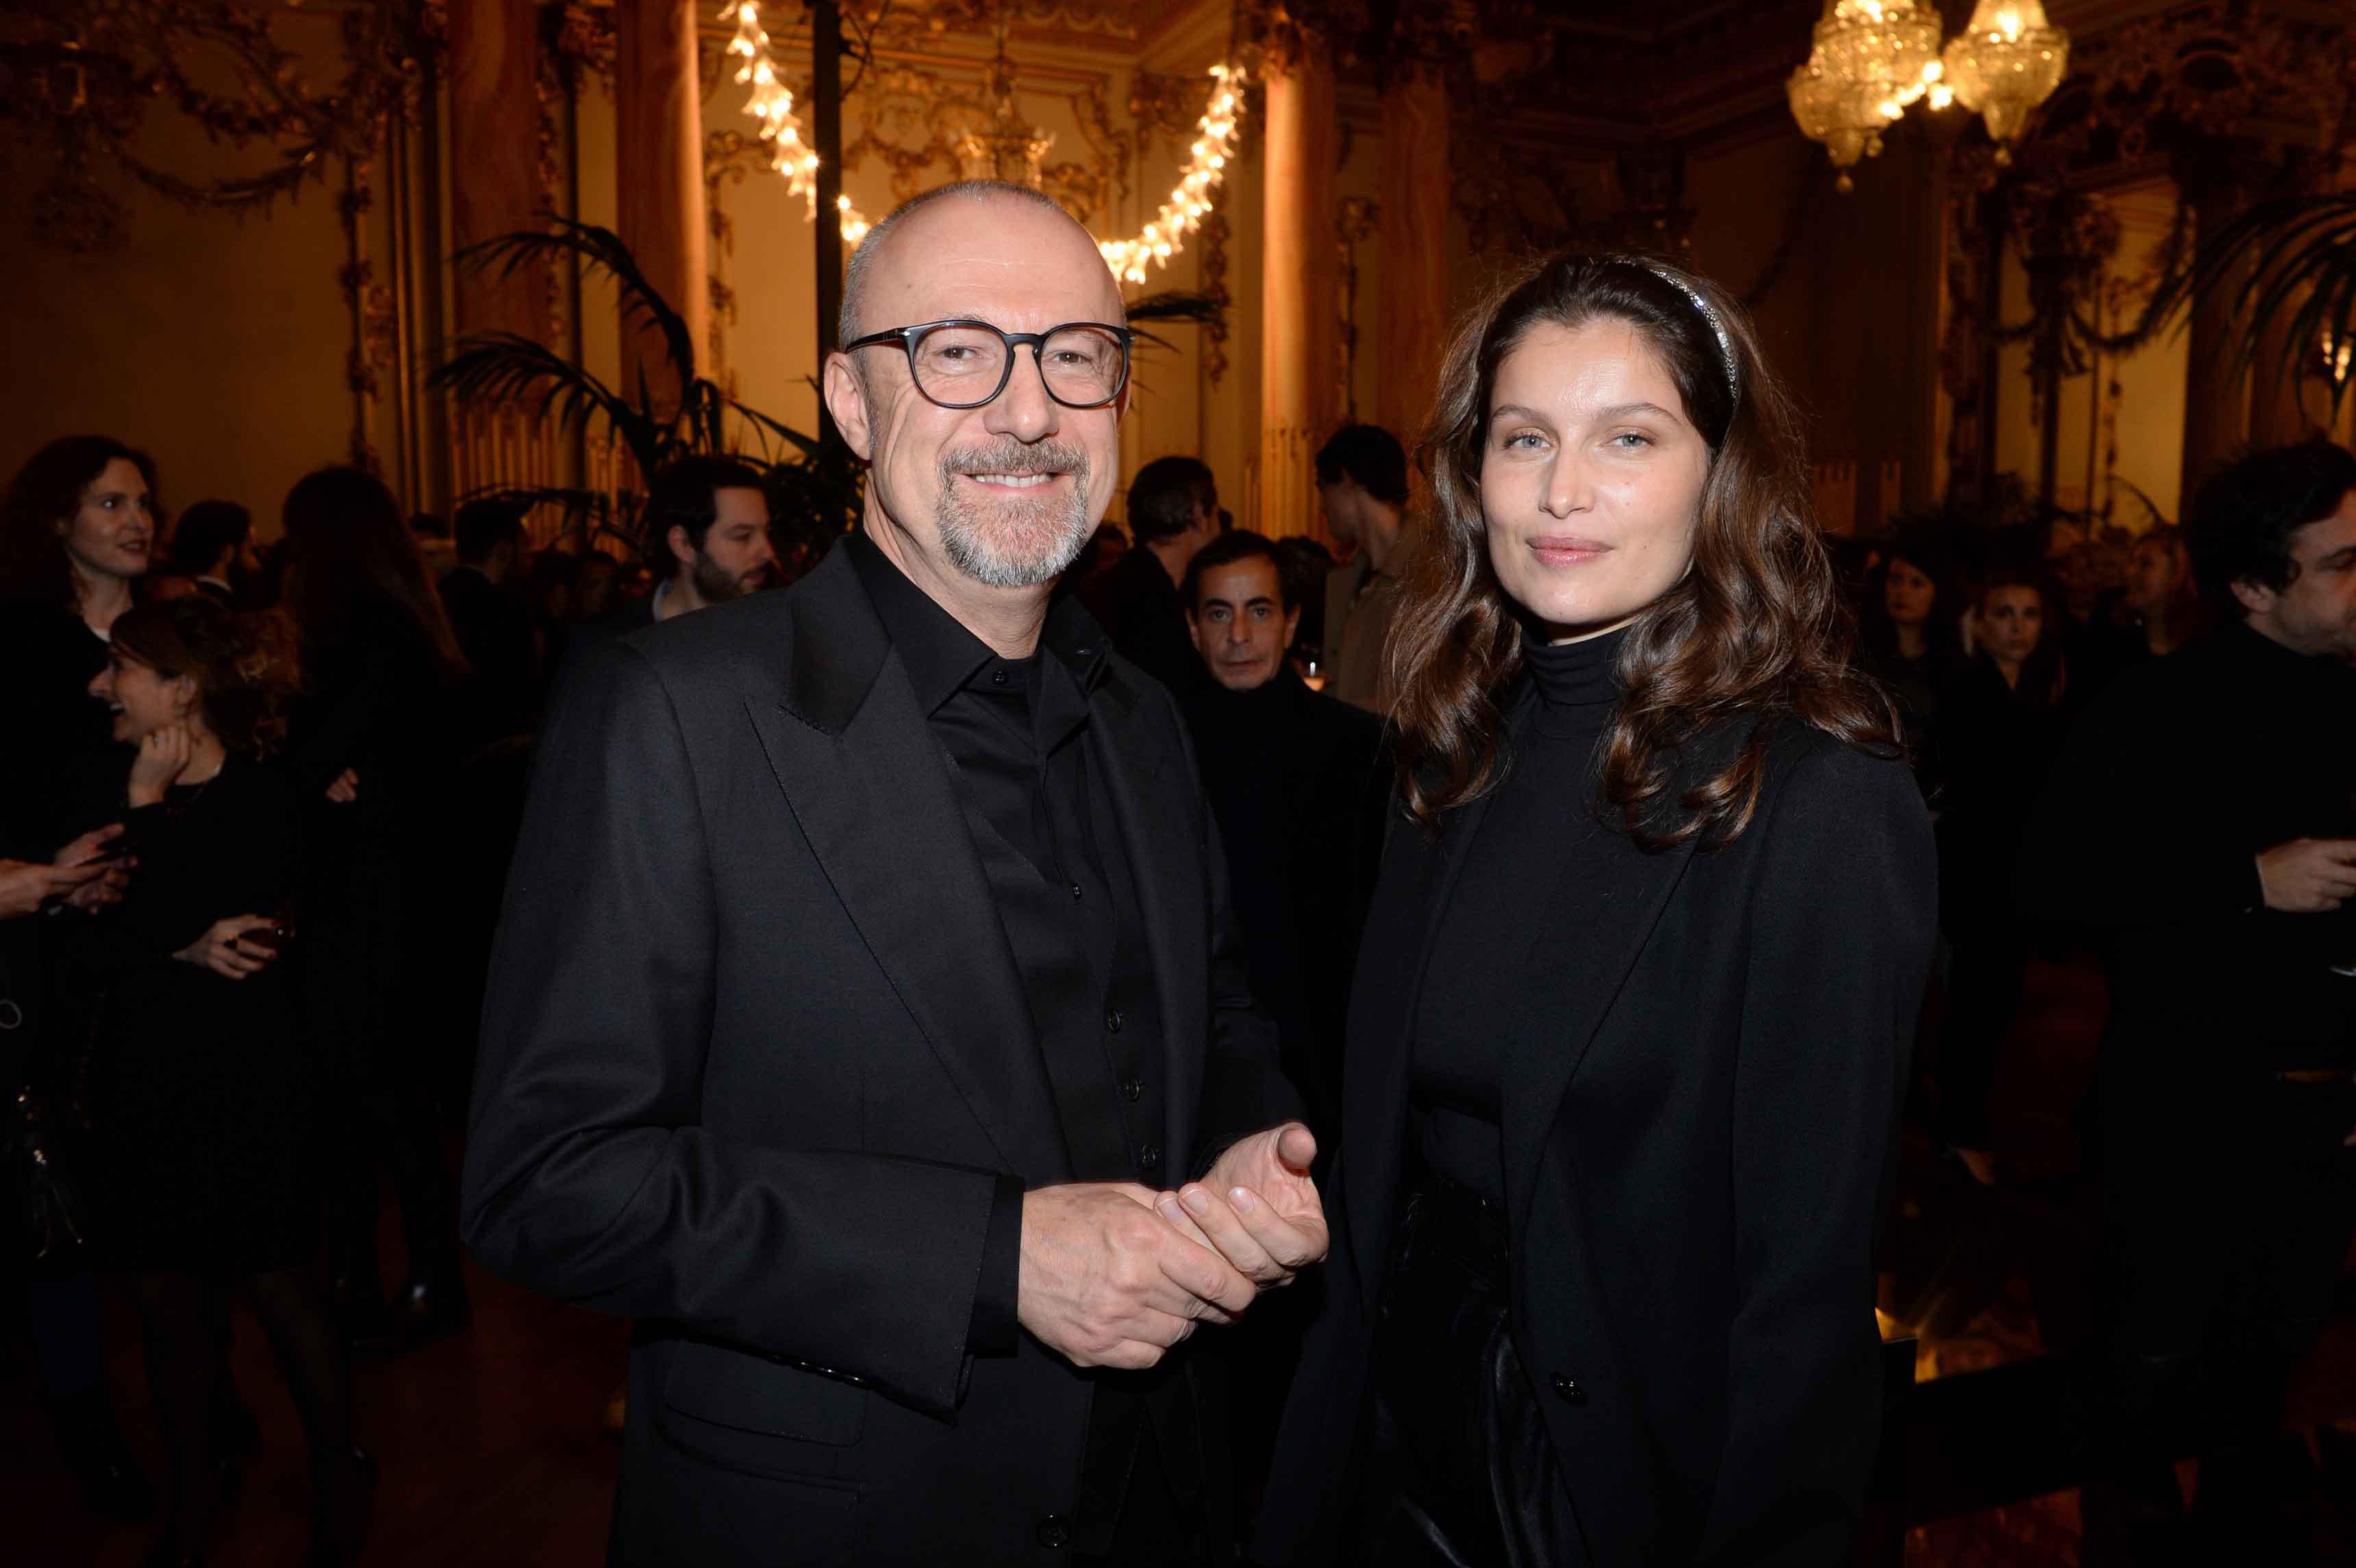 Laetitia Casta et Sandro Veronesi